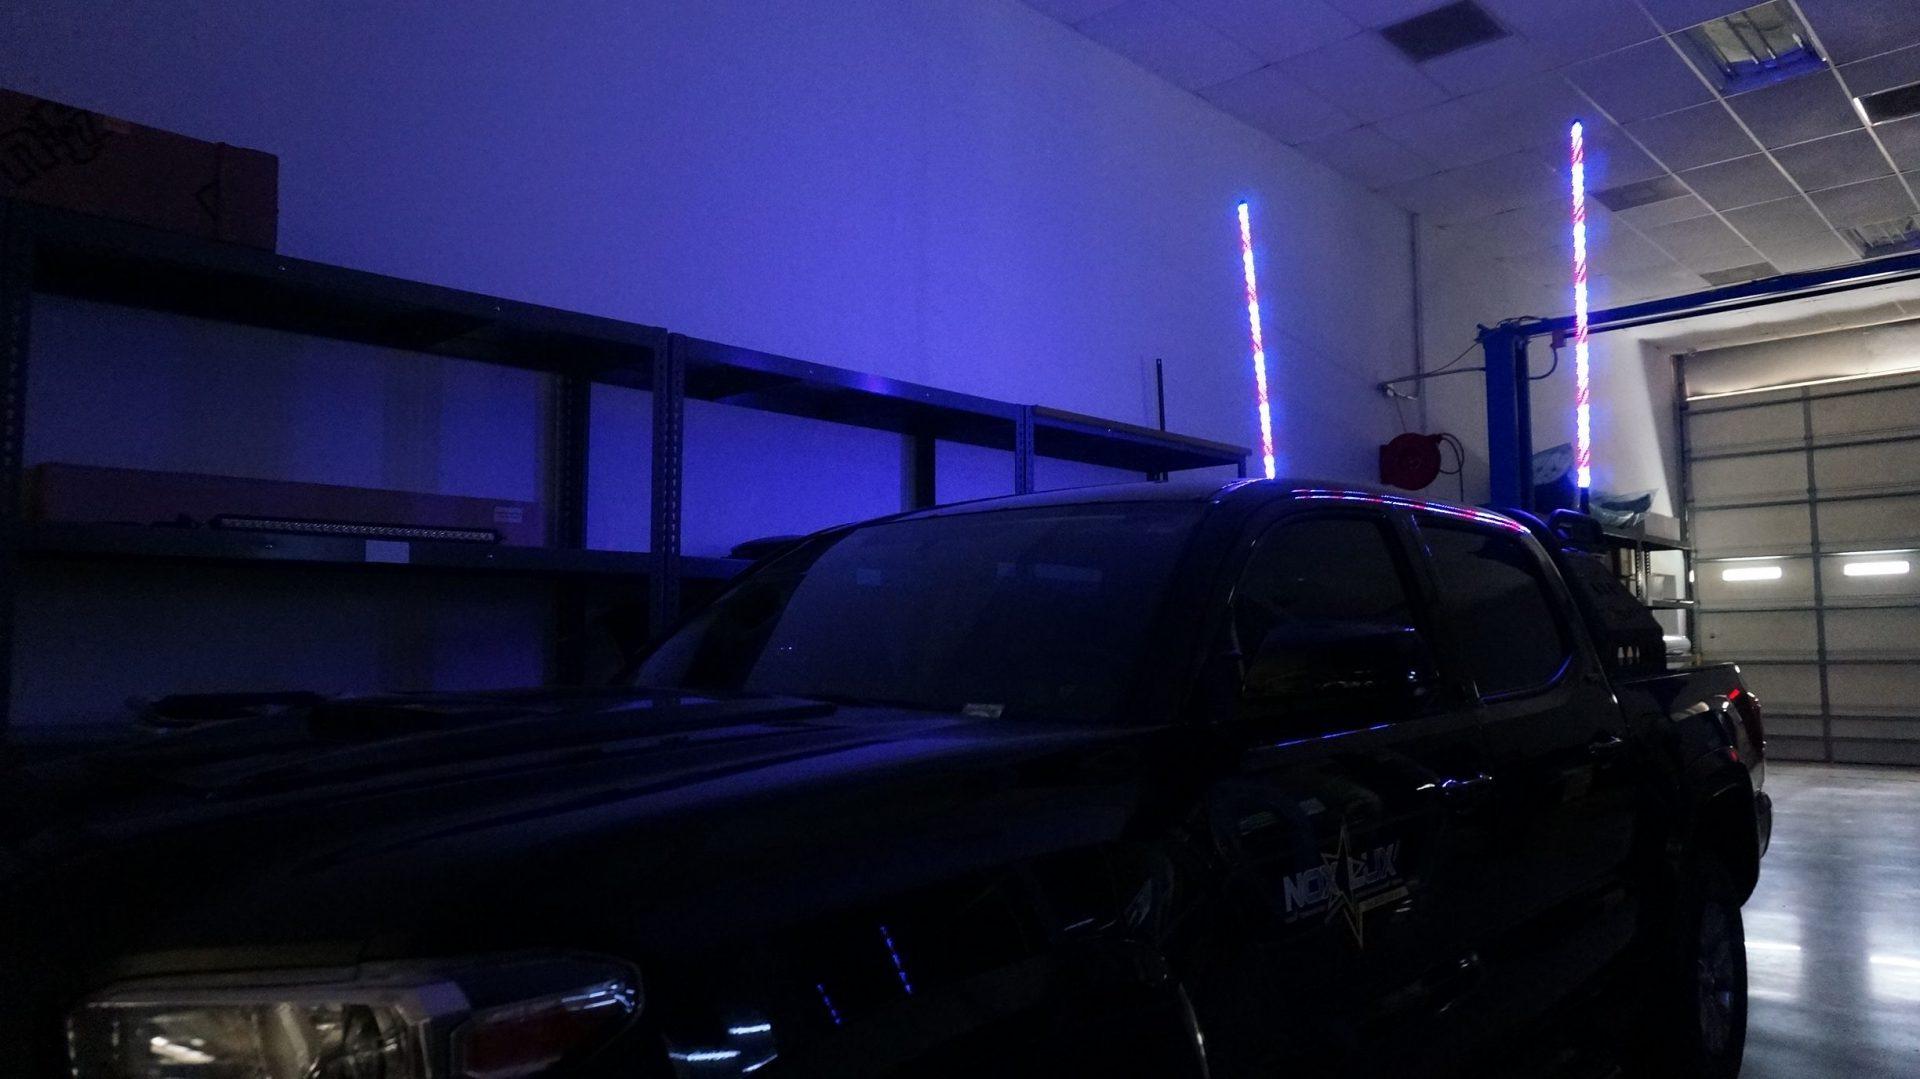 RGBW LED Whip Light